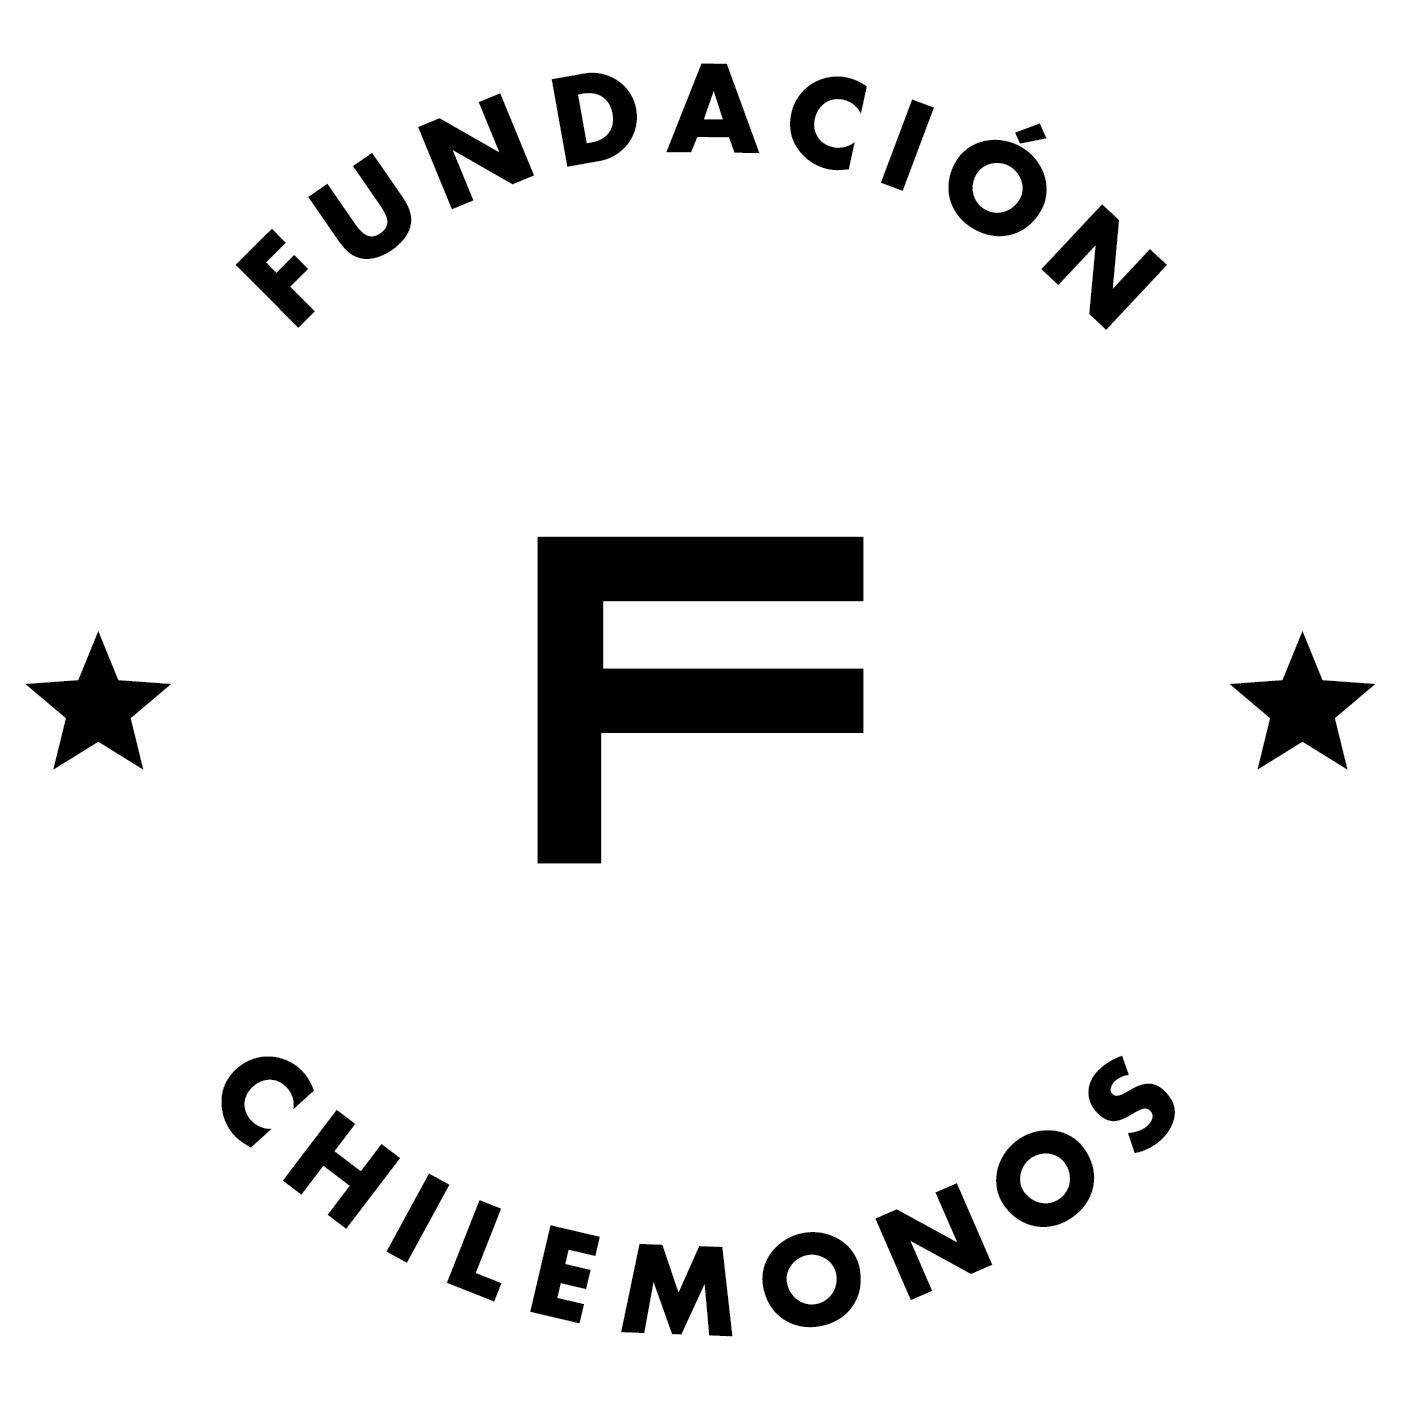 Fundación Chilemonos